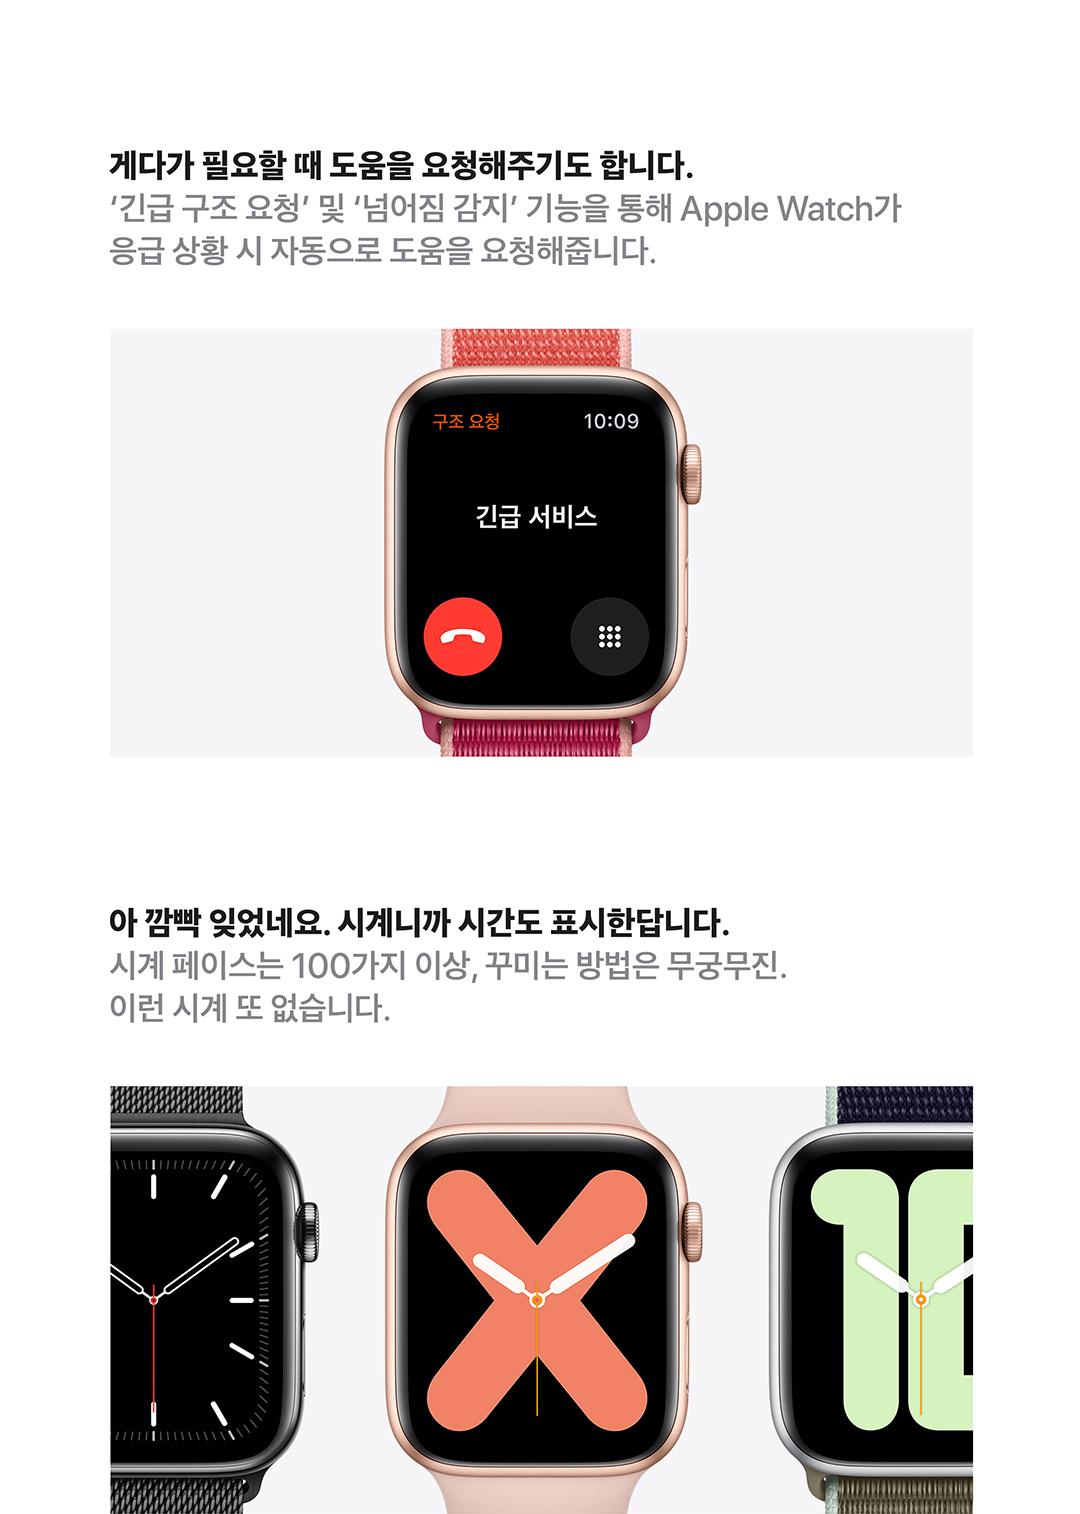 게다가 필요할 때 도움을 요청해주기도 합니다. 긴급 구조 요청 및 넘어짐 감지 긴으을 통해 Apple Watch가 응급 상황 시 자동으로 도움을 요청해줍니다. 아 깜빡 잊었네요. 시계니까 시간도 표시한답니다. 시계 페이스는 100가지 이상, 꾸미는 방법은 무궁무진. 이런 시계 또 없습니다.